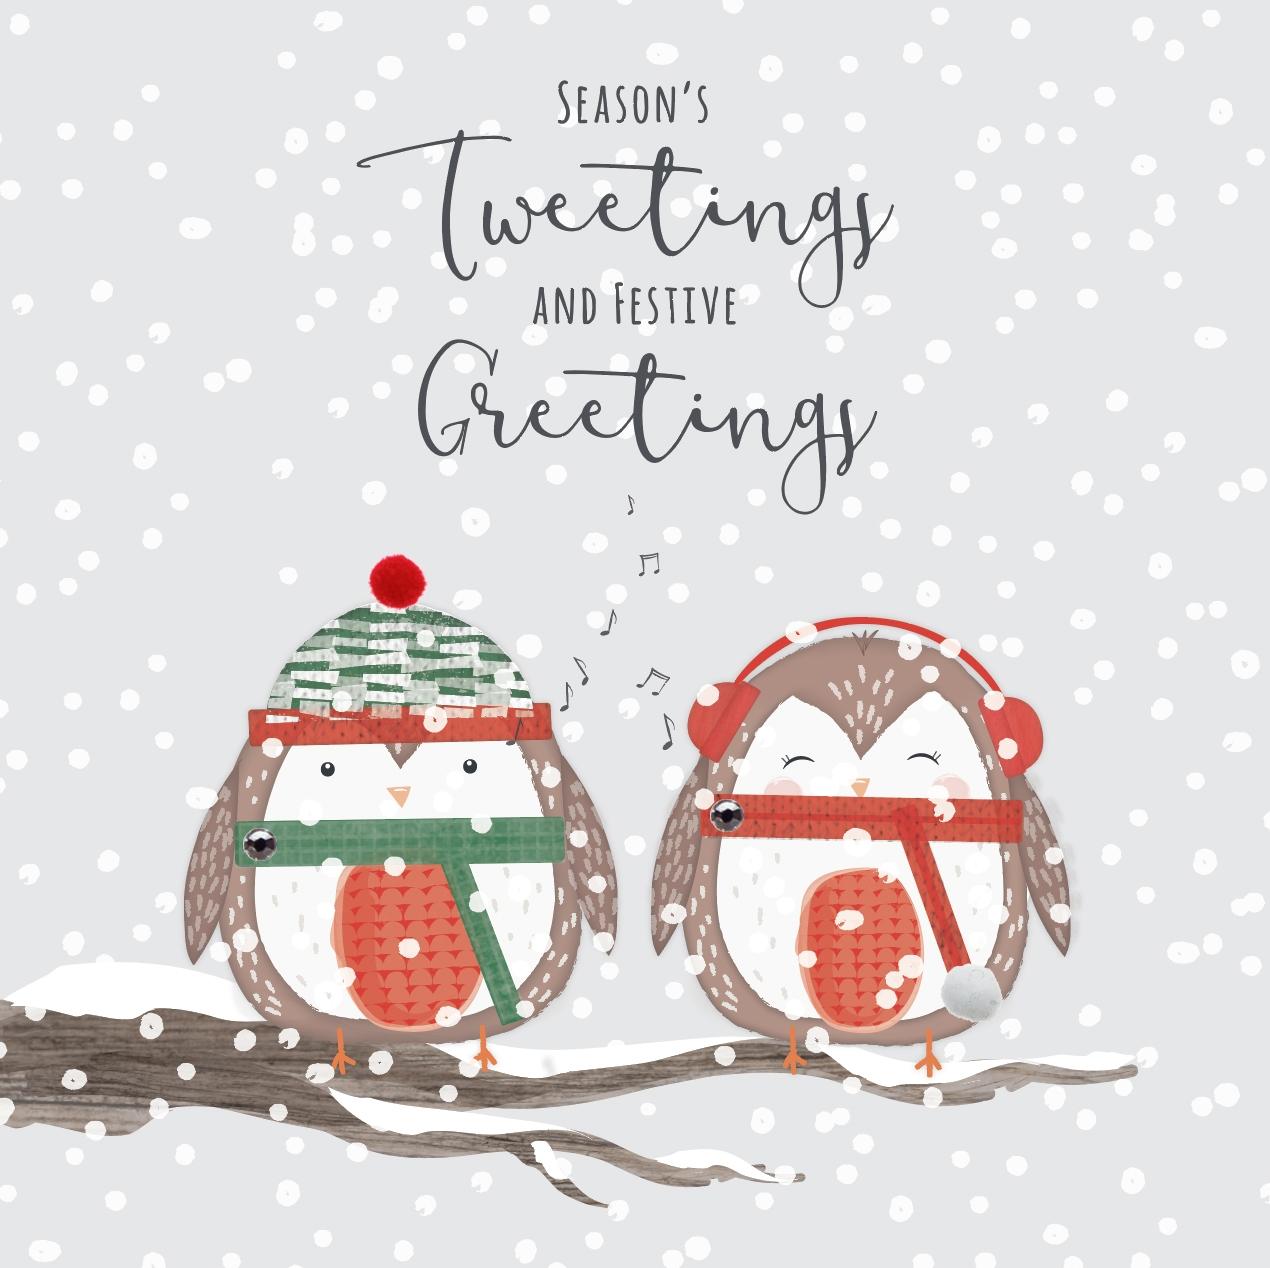 Festive Friends - Seasons Tweetings and Festive Greetings